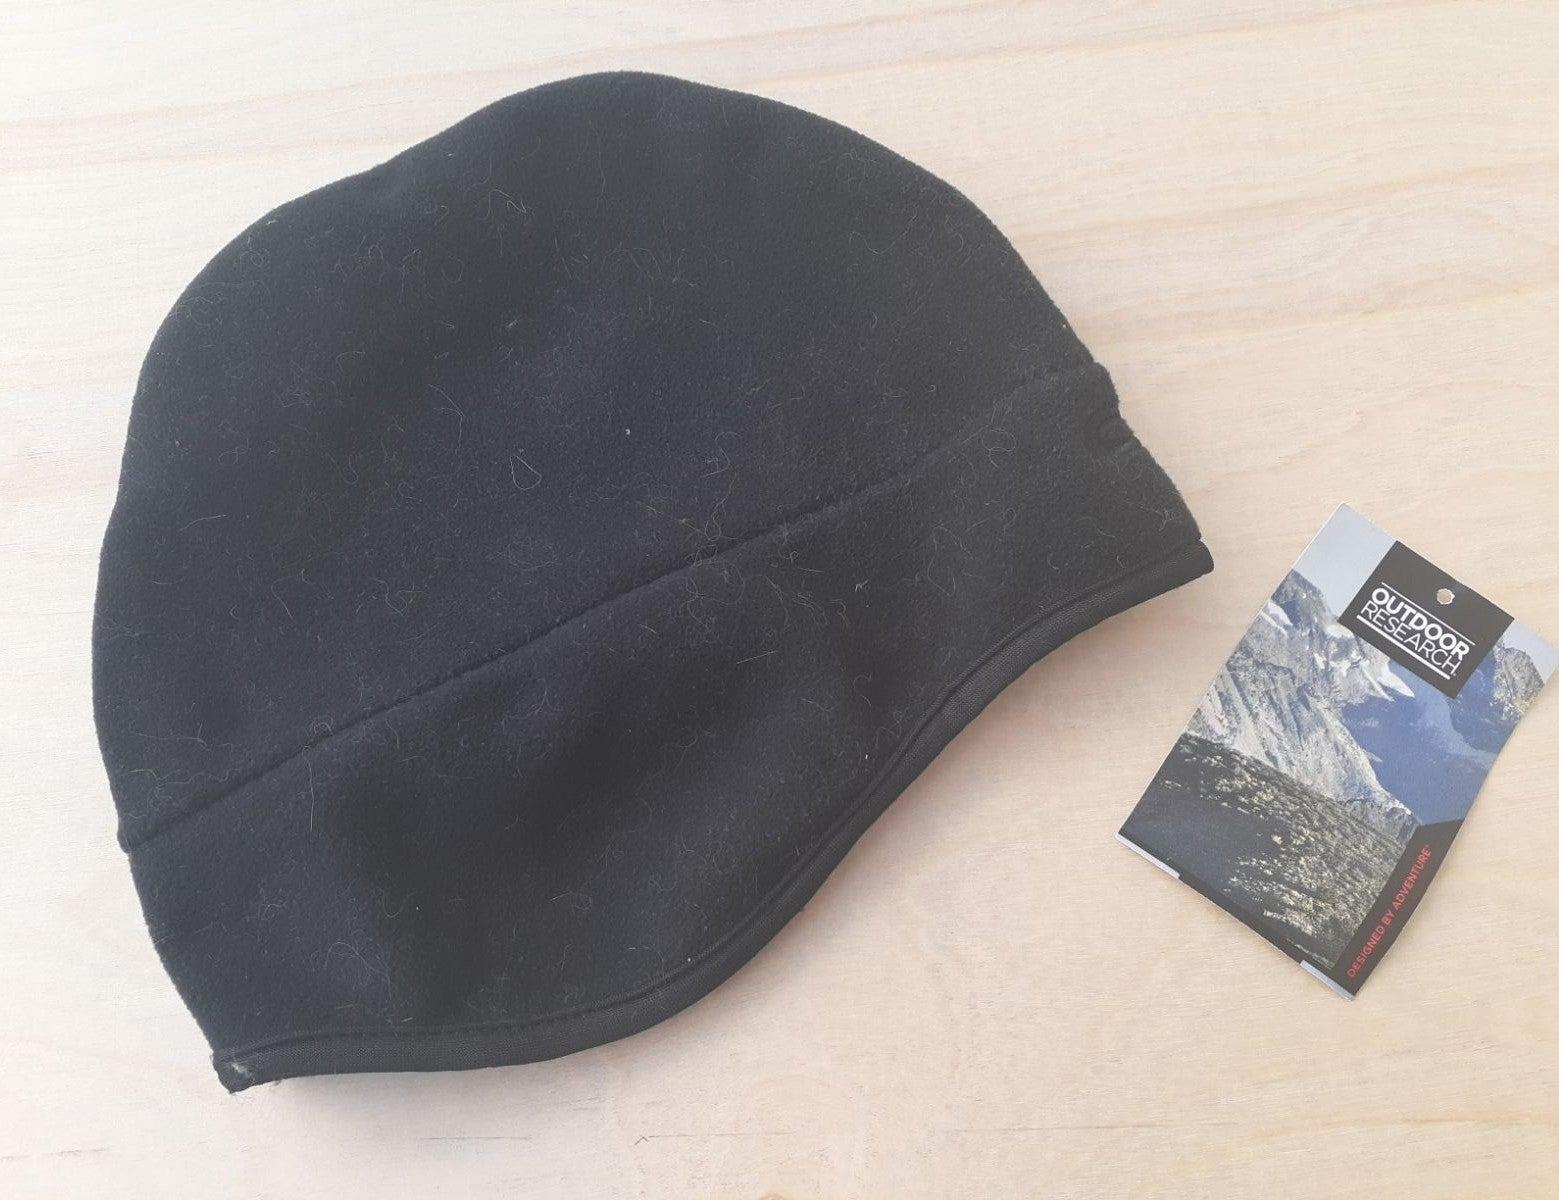 OUTDOOR RESEARCH Alpine Fleece Hat